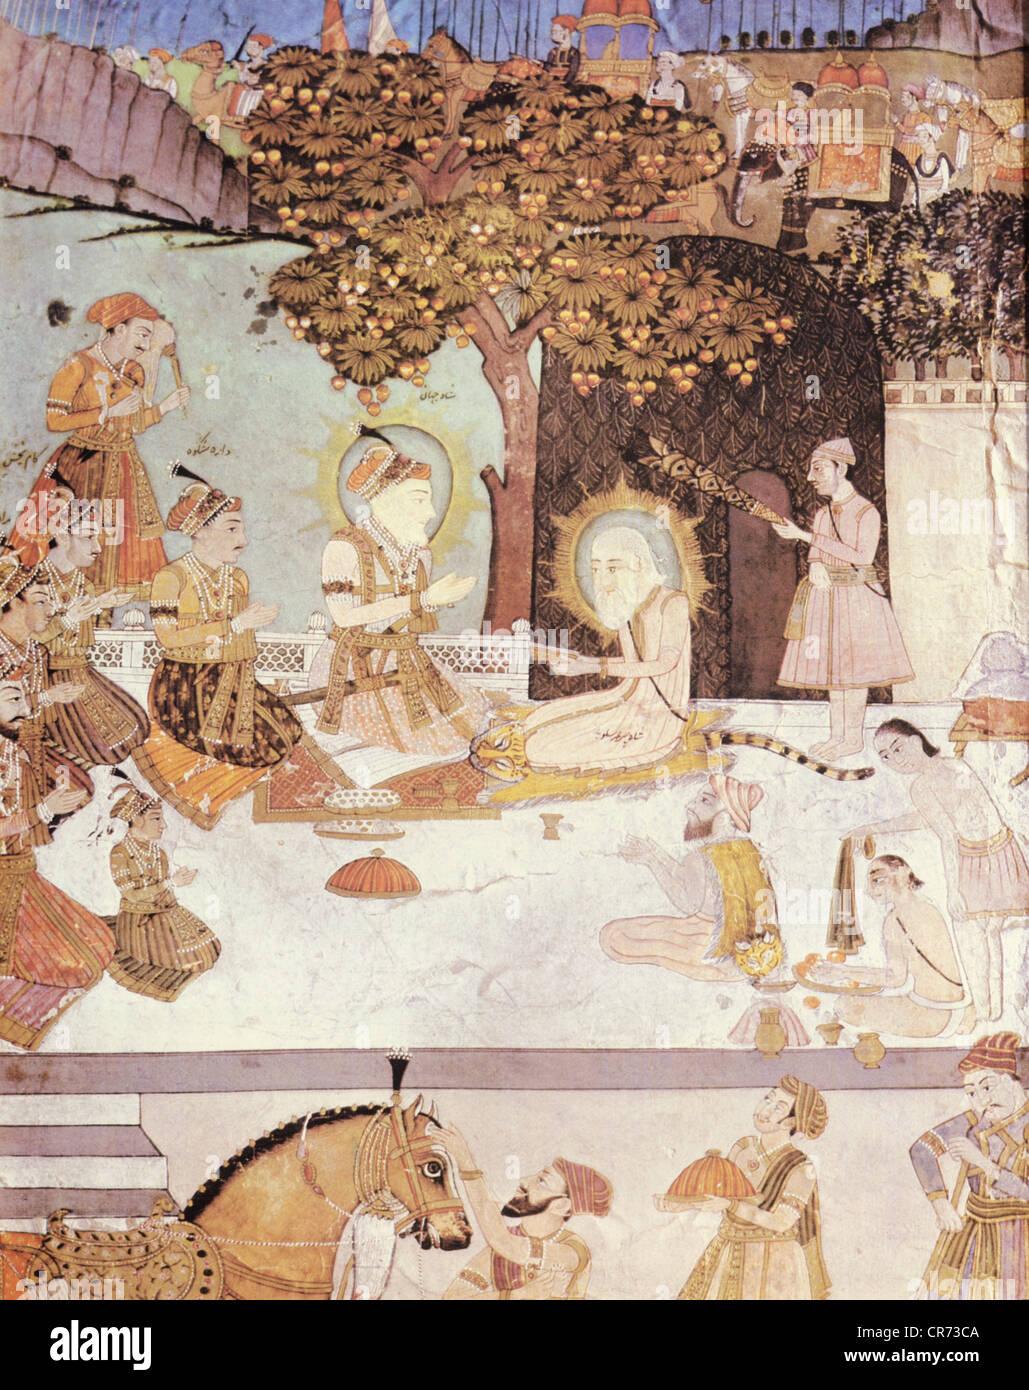 Shah Jahan, 5.1.1592 - 22.1.1666, emperador Mughal de la India 1627 - 1658, la escena, Shah Jahan y sus 5 hijos Imagen De Stock